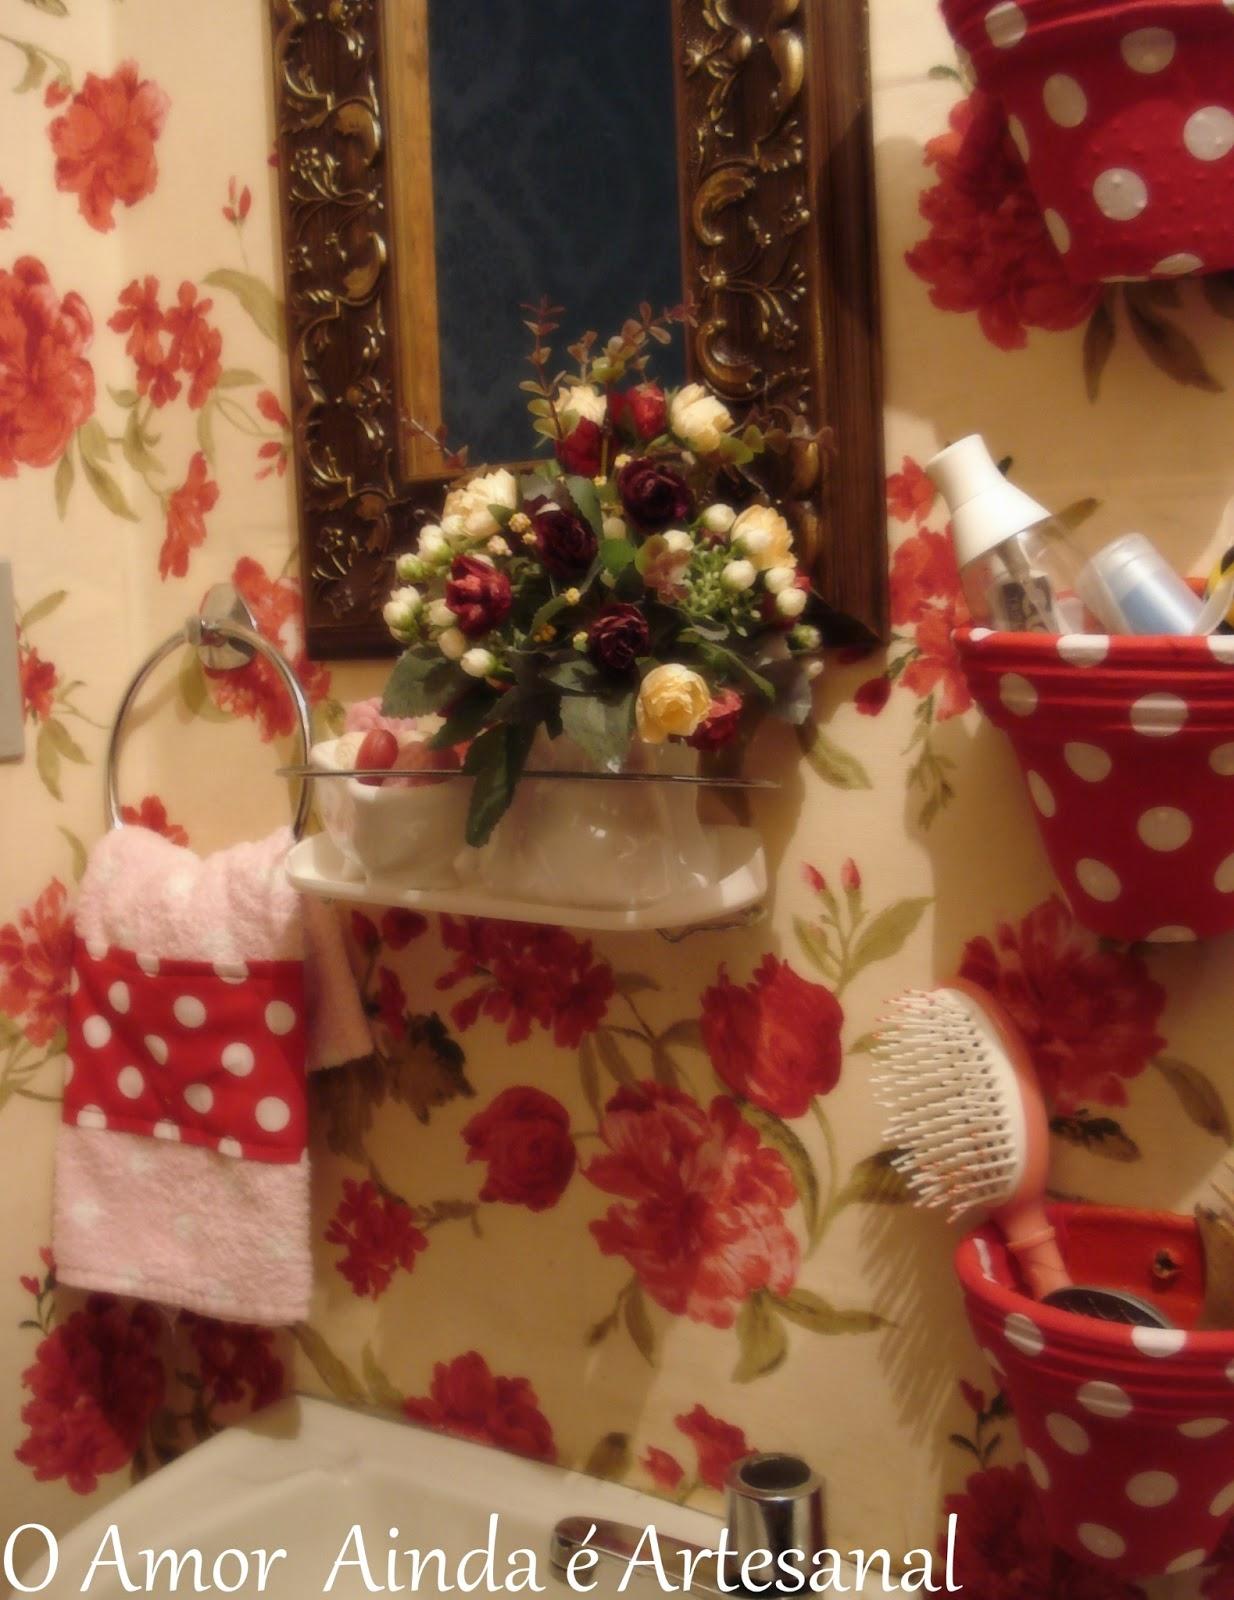 O Amor Ainda é Artesanal Banheiro Aconchegante -> Decoracao De Banheiro Com Tecido Adesivo